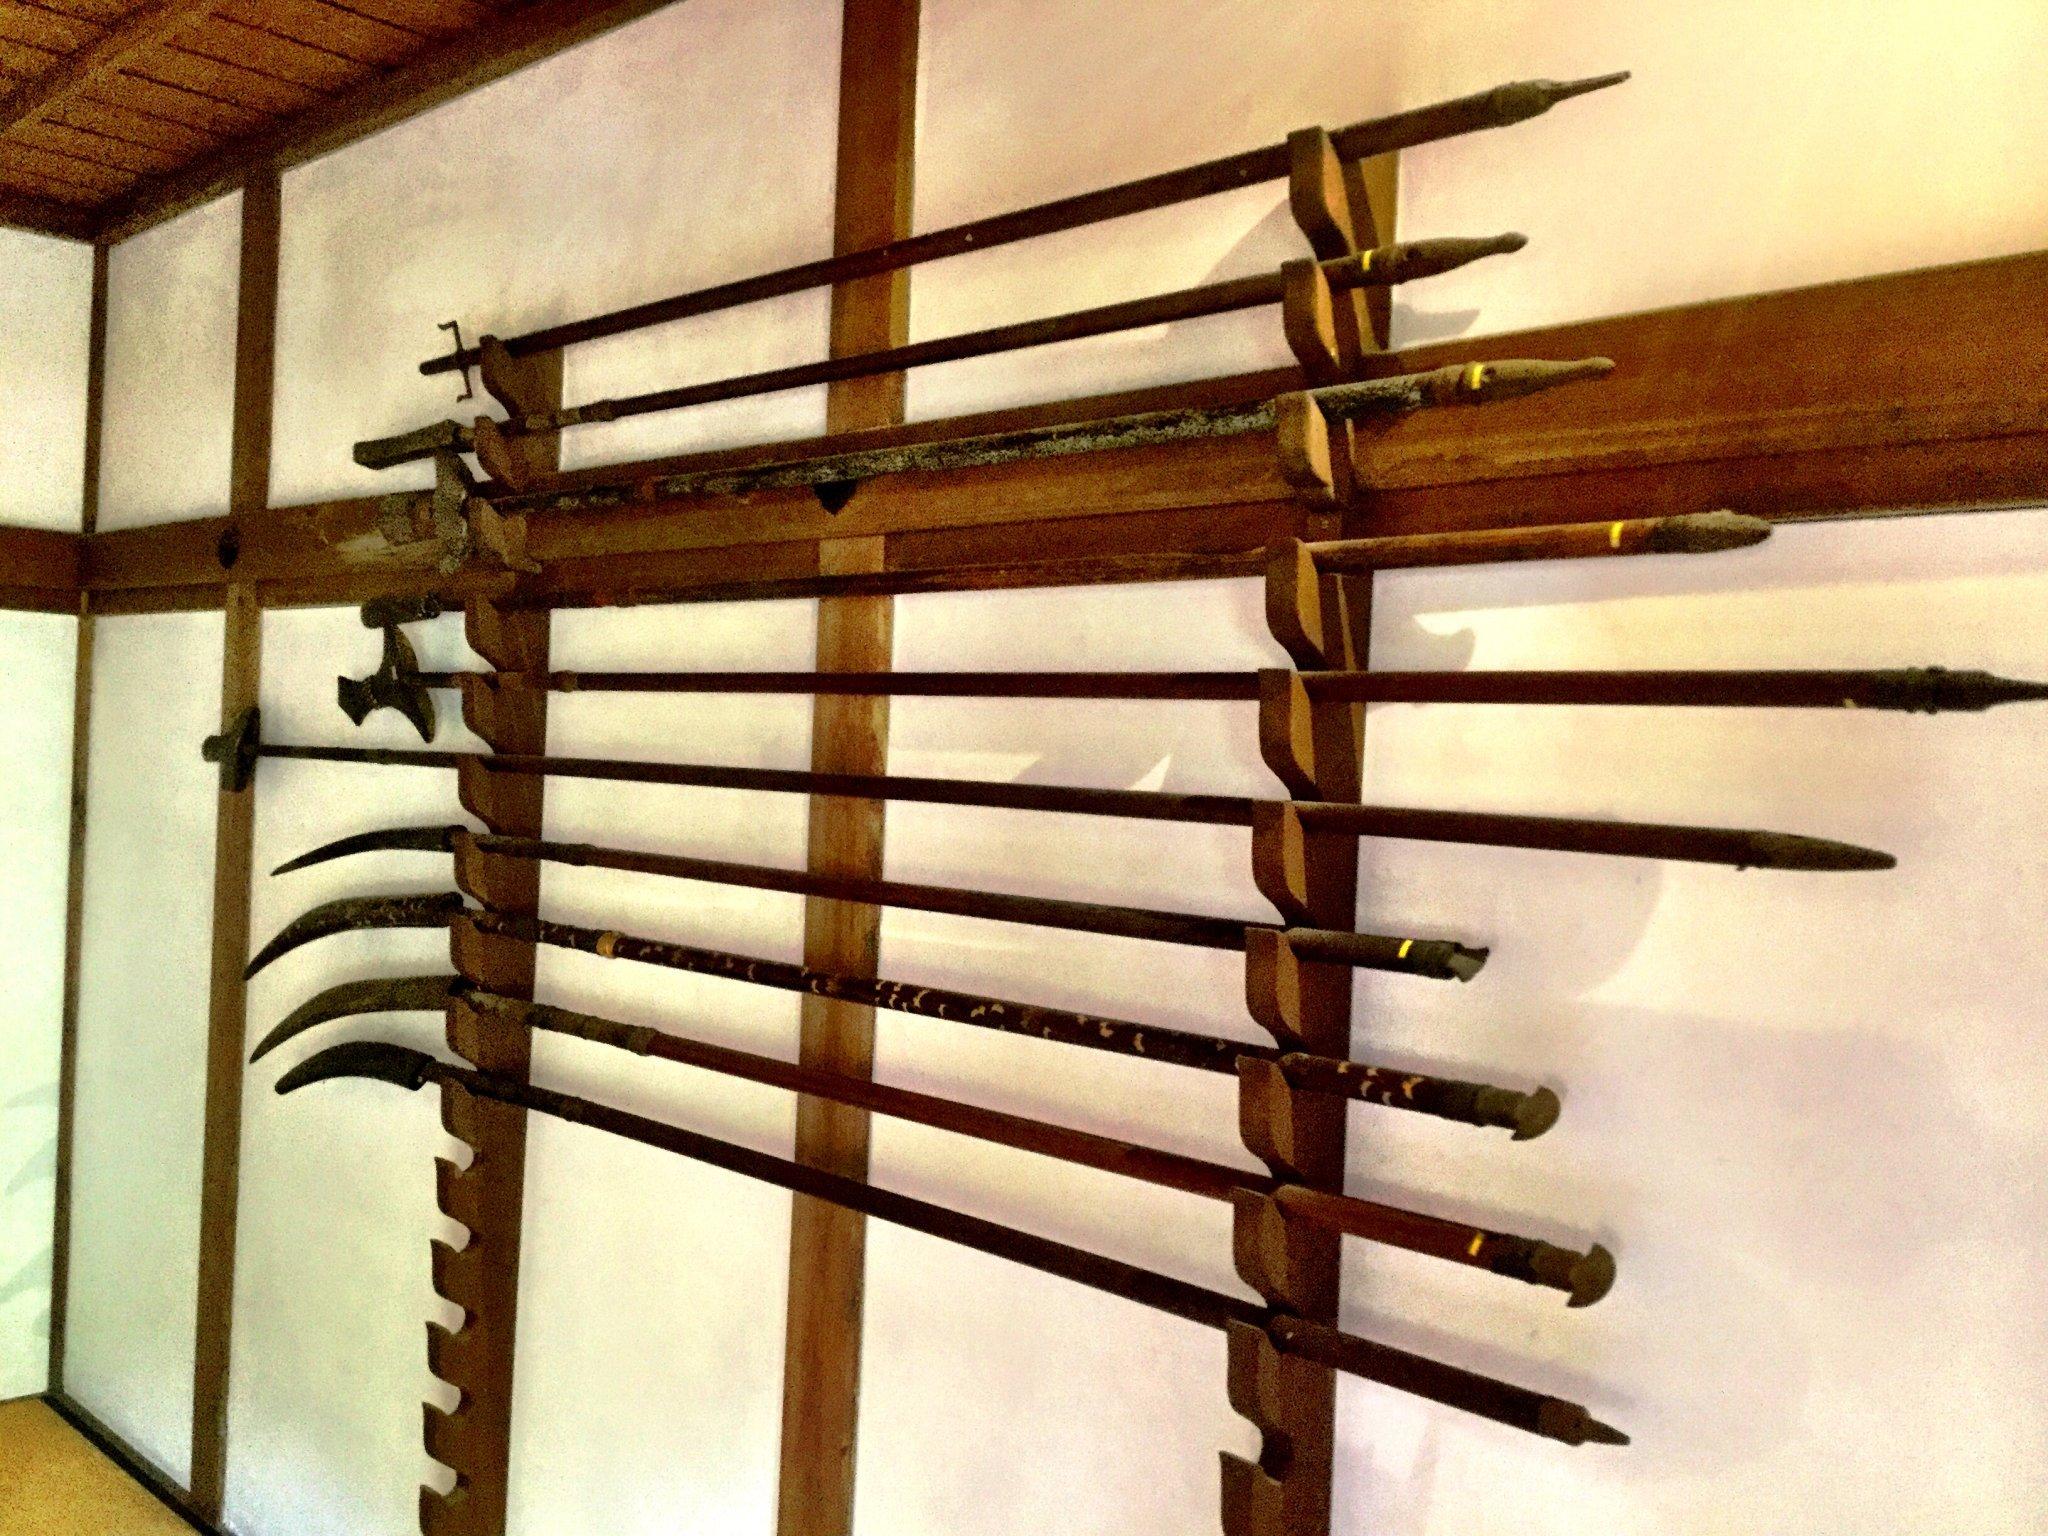 Ausgestellte Waffen zeigen, dass hier einst Samurai lebten.